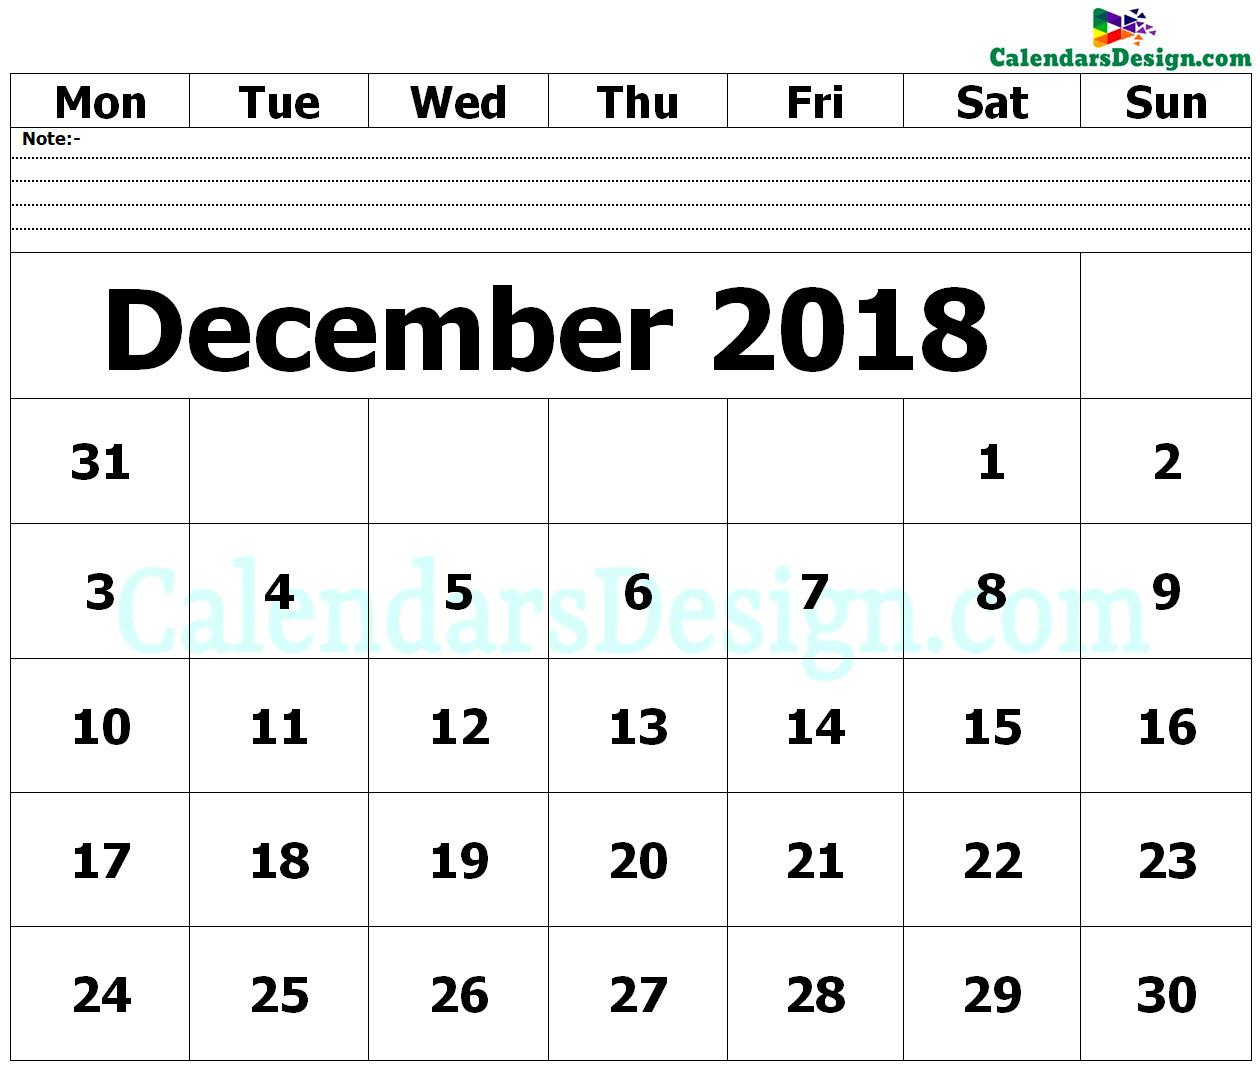 Editable December 2018 Calendar Blank Template